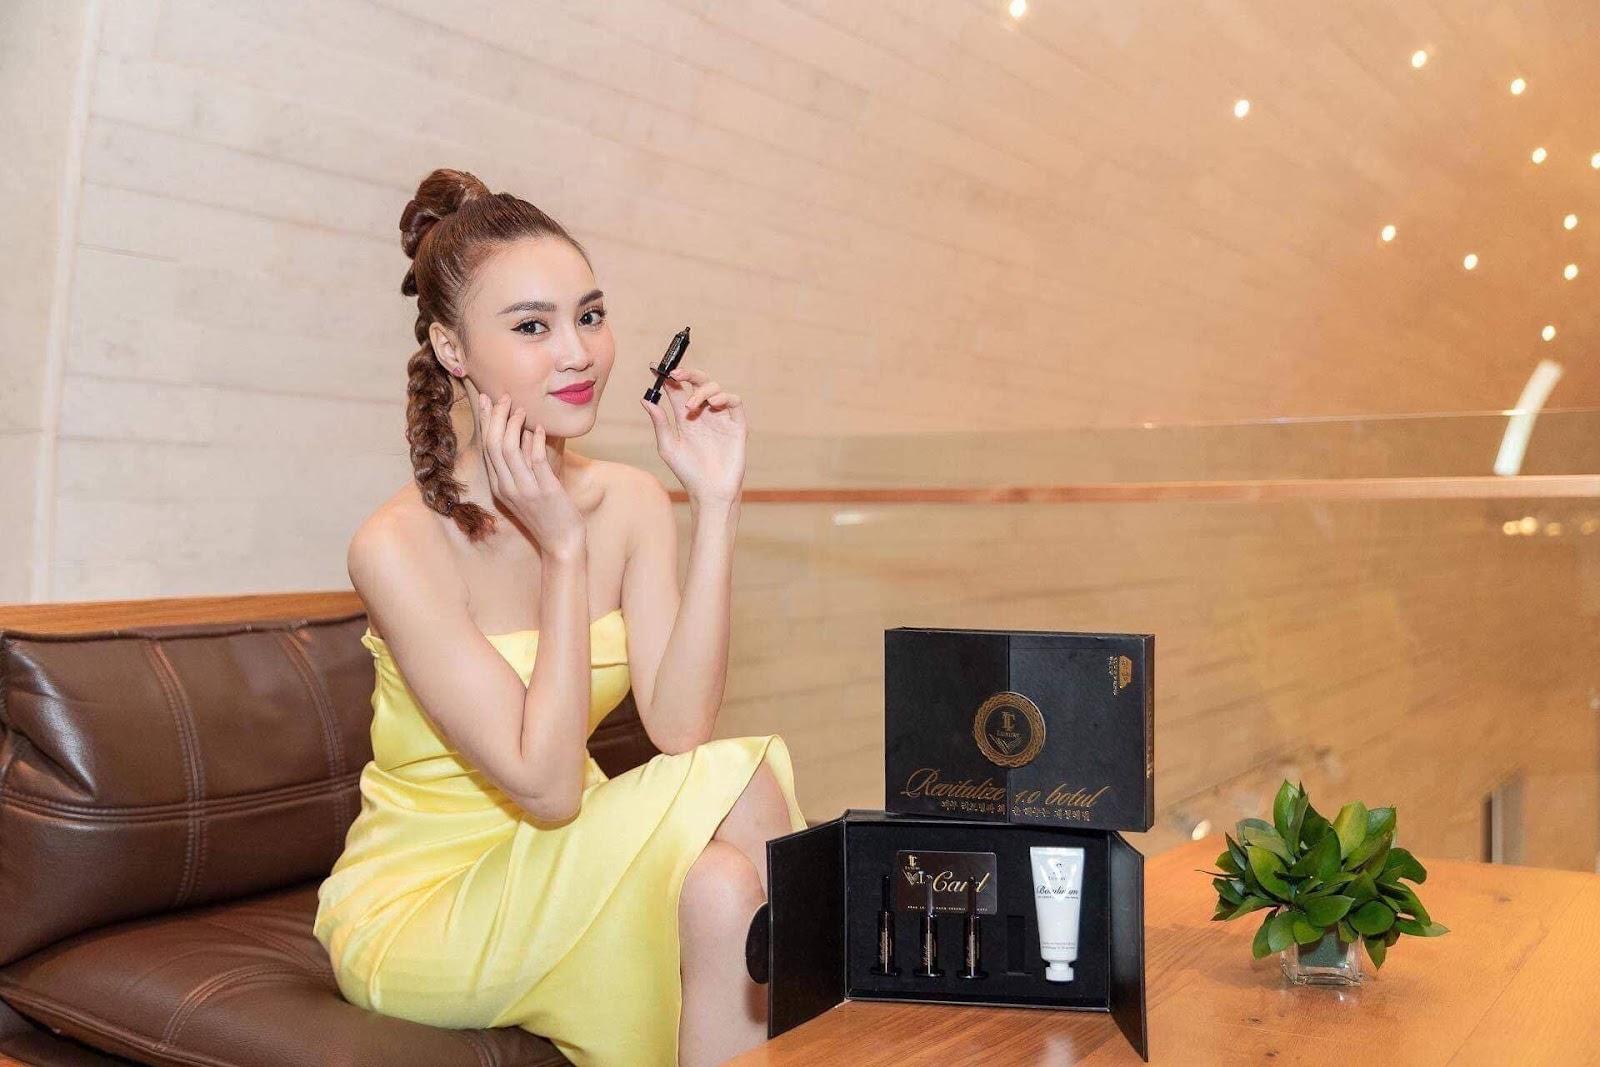 Linh Nham Group – Nhà tài trợ Kim cương tại Hội nghị sức khỏe sắc đẹp toàn diện và xu hướng ngành làm đẹp 2021 - Ảnh 6